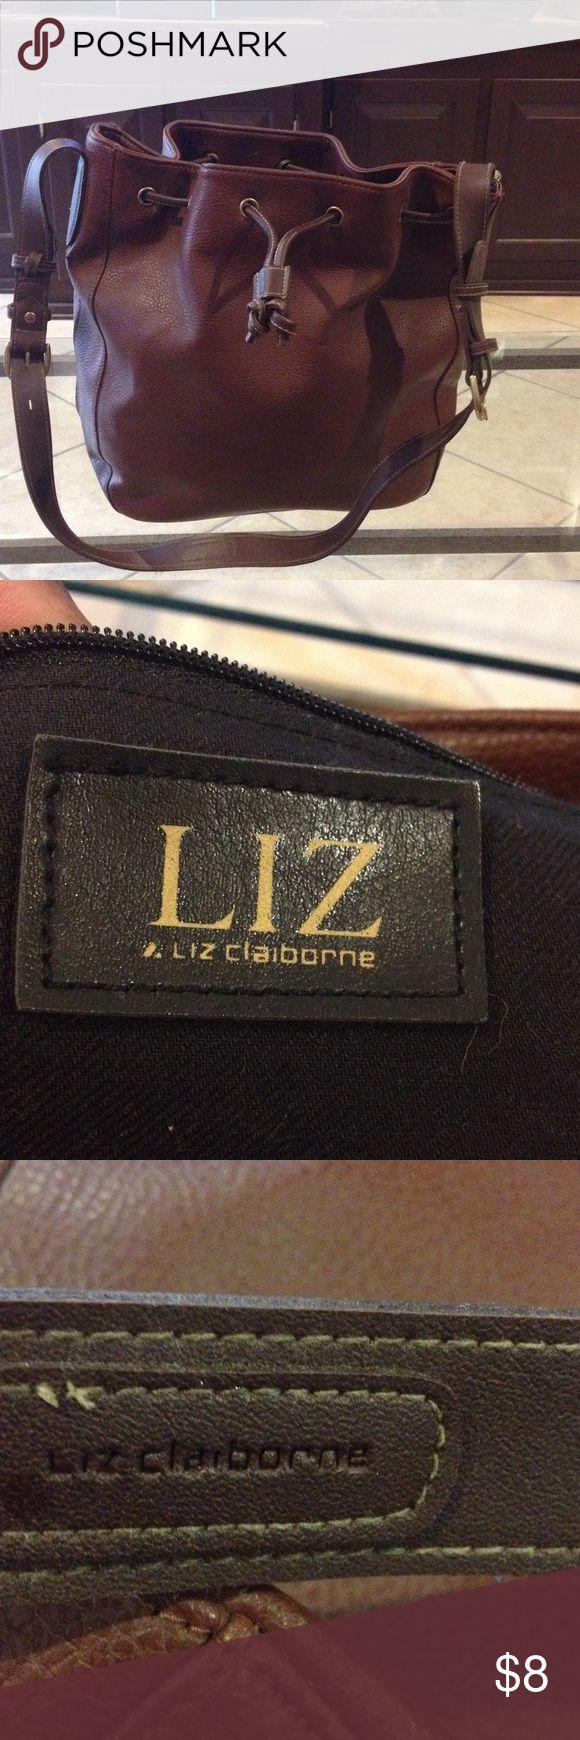 Liz Claiborne brown purse good condition Liz Claiborne brown purse good condition Liz Claiborne Bags